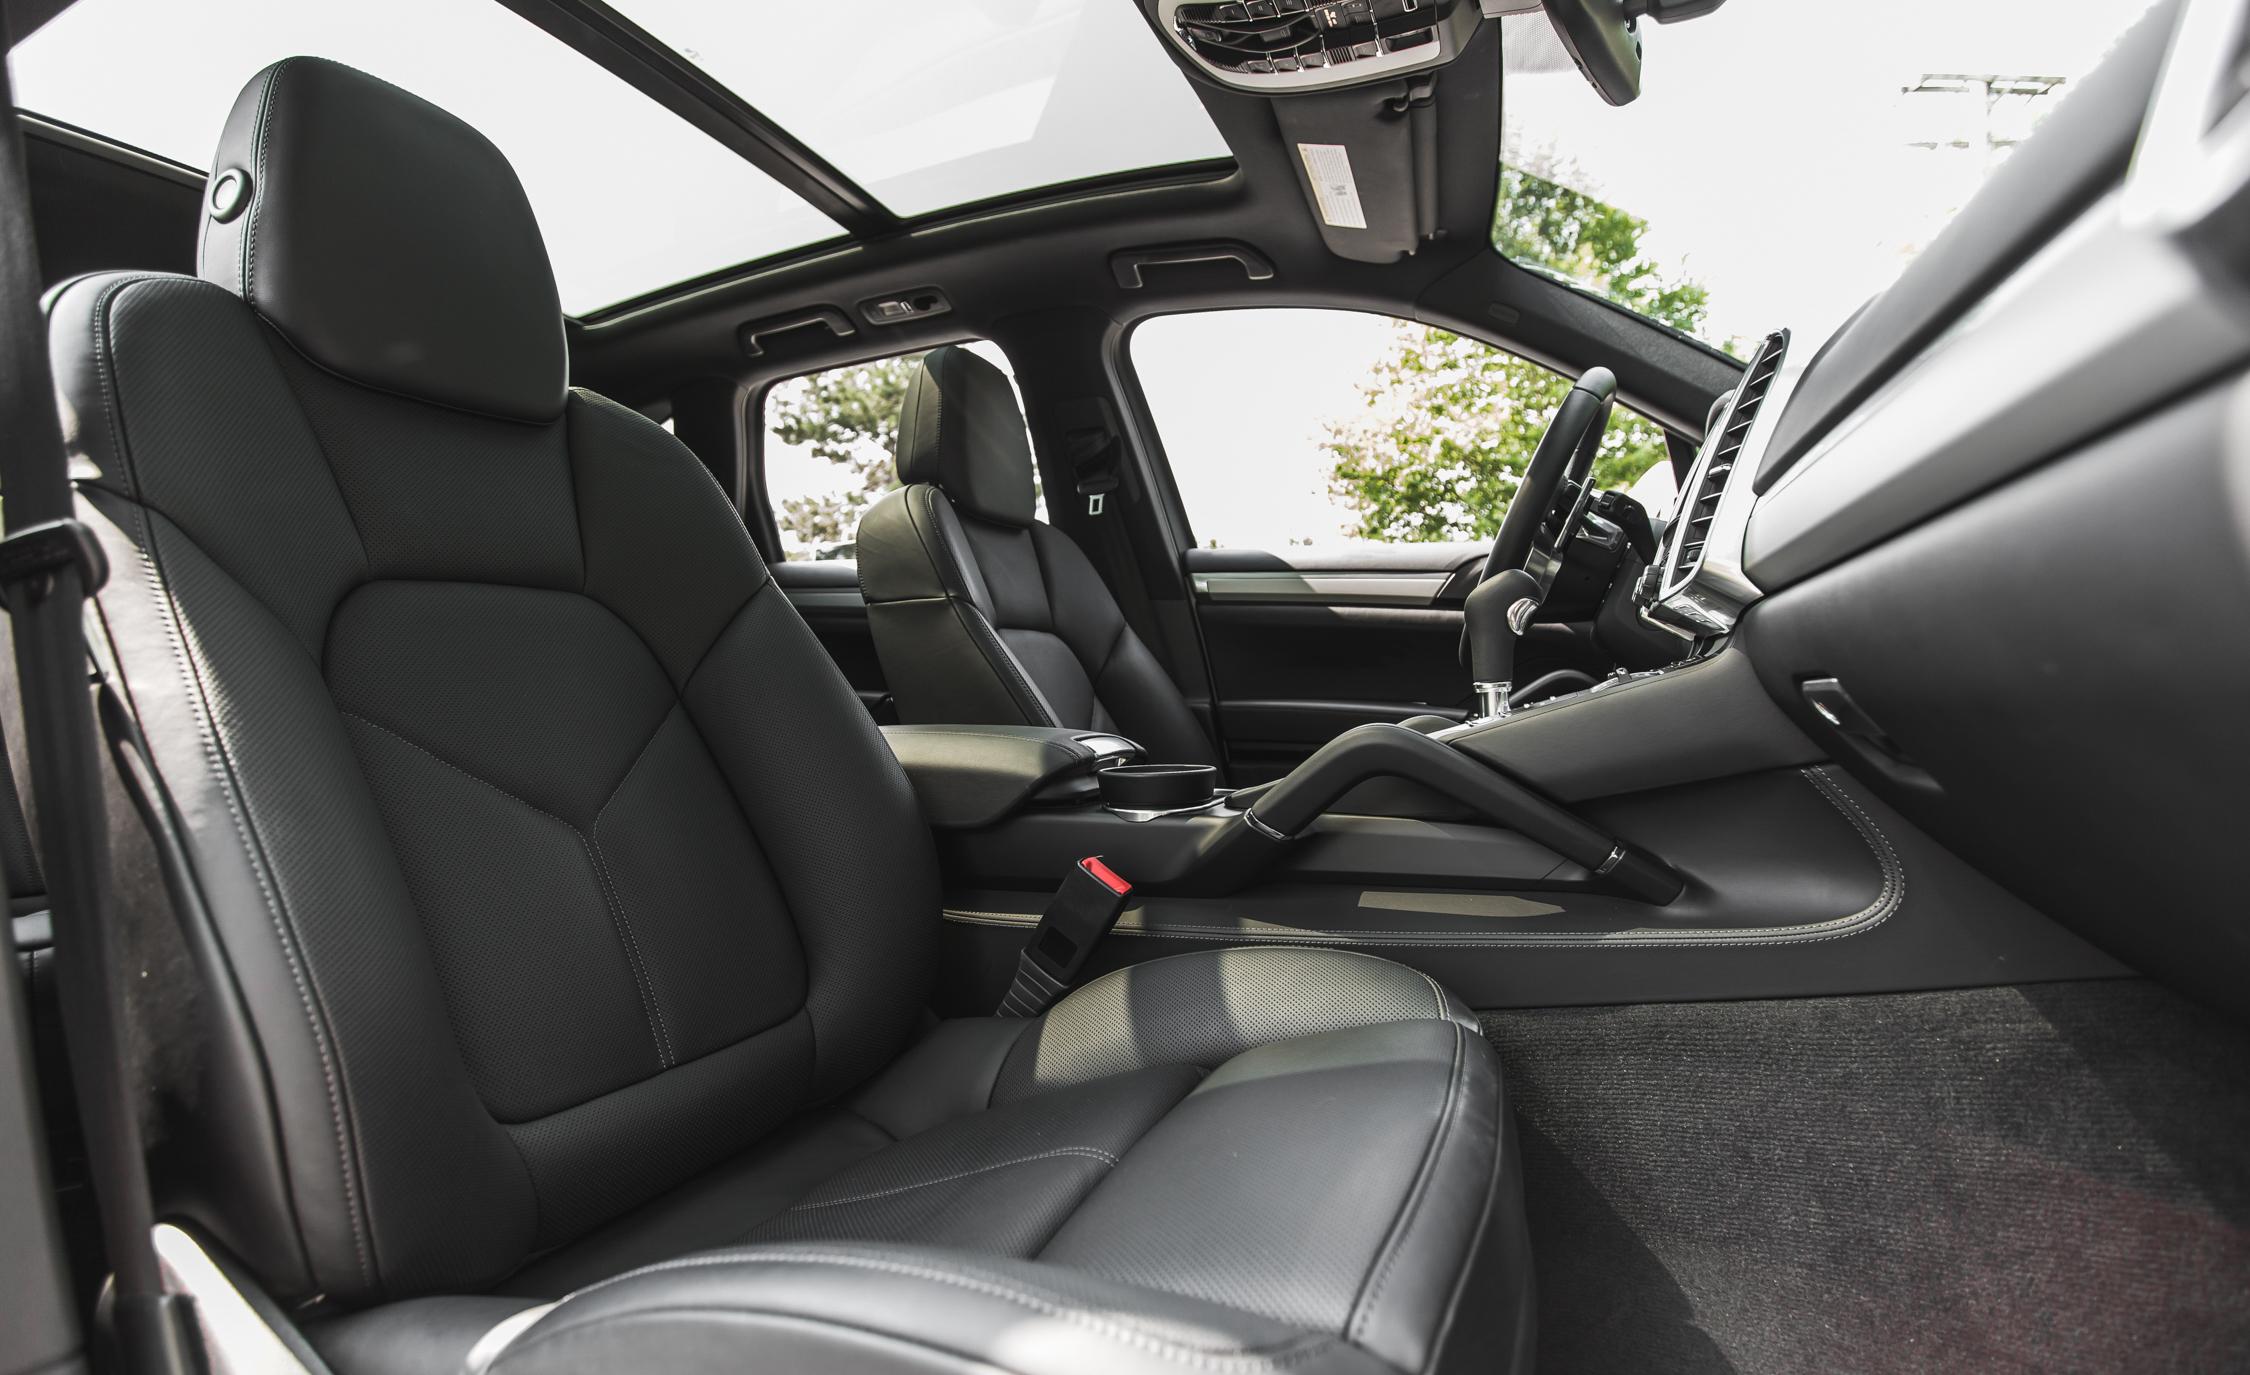 2015 Porsche Cayenne S E-Hybrid Interior Front Passenger Seat